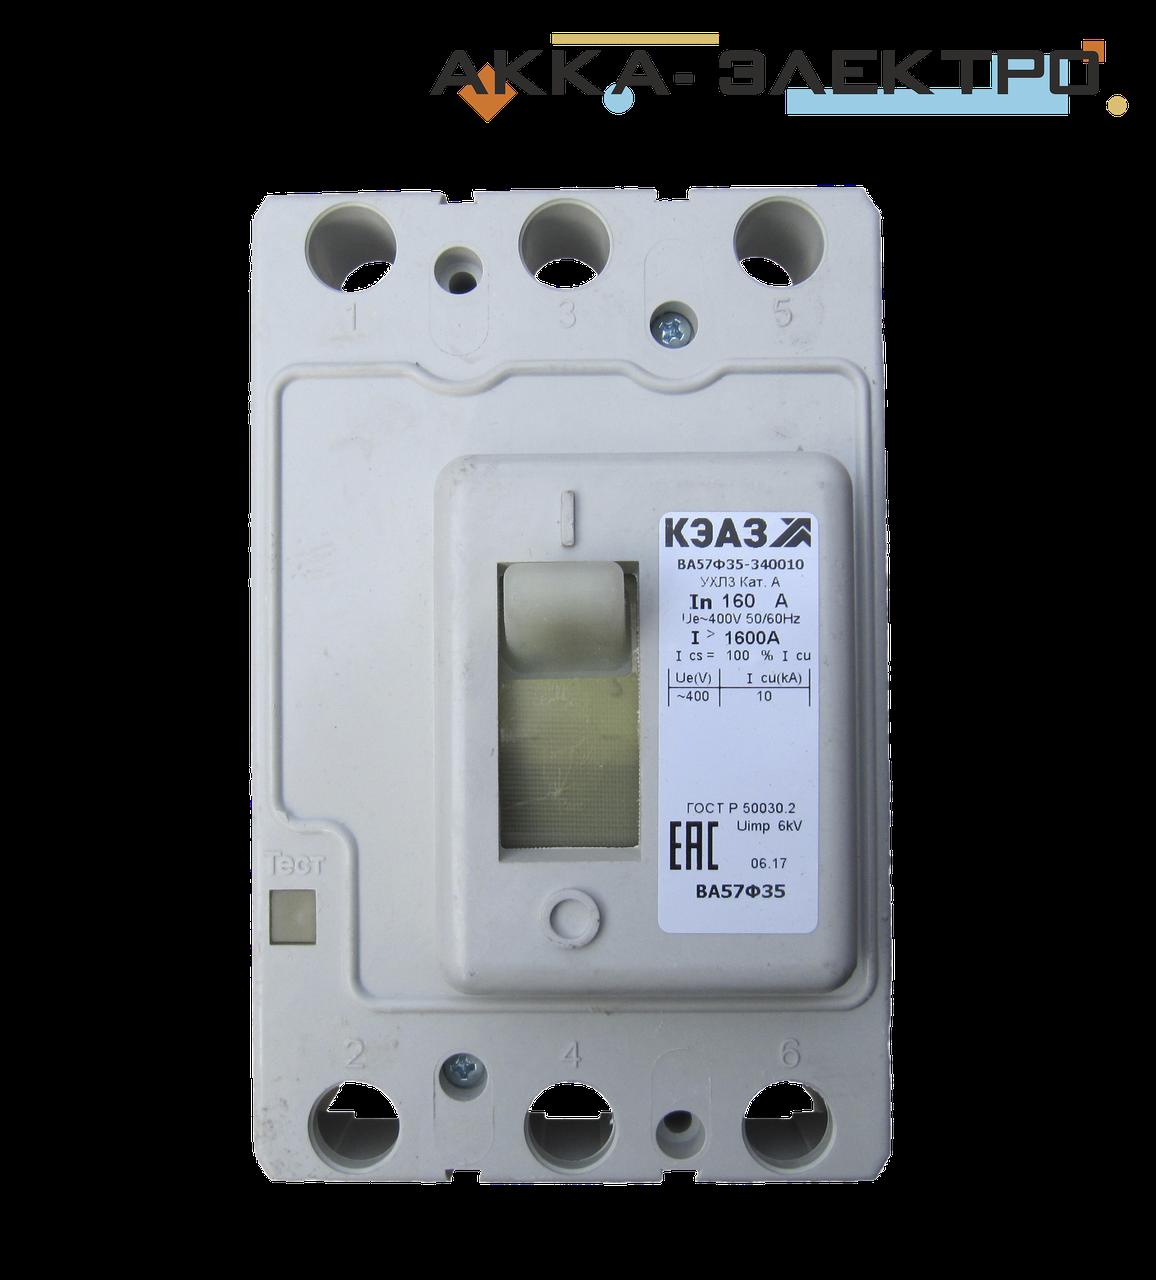 Автоматичний вимикач ВА57Ф35 160А KEAZ